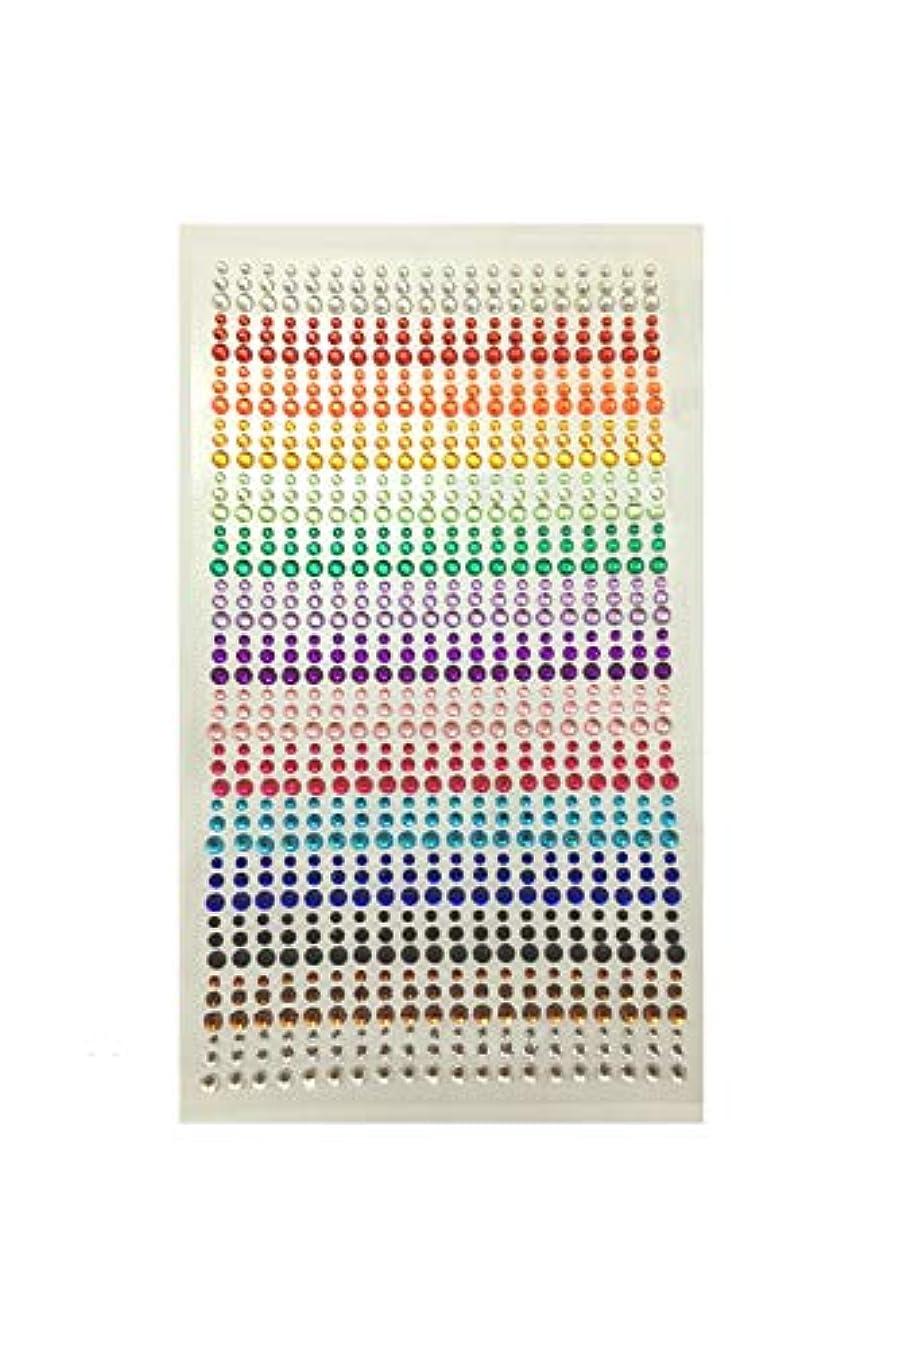 原稿道徳教育ムス[FUPUSUN] ラインストーン シール ネイル デコレーション パーツ 15色 900粒 3シート (15色)